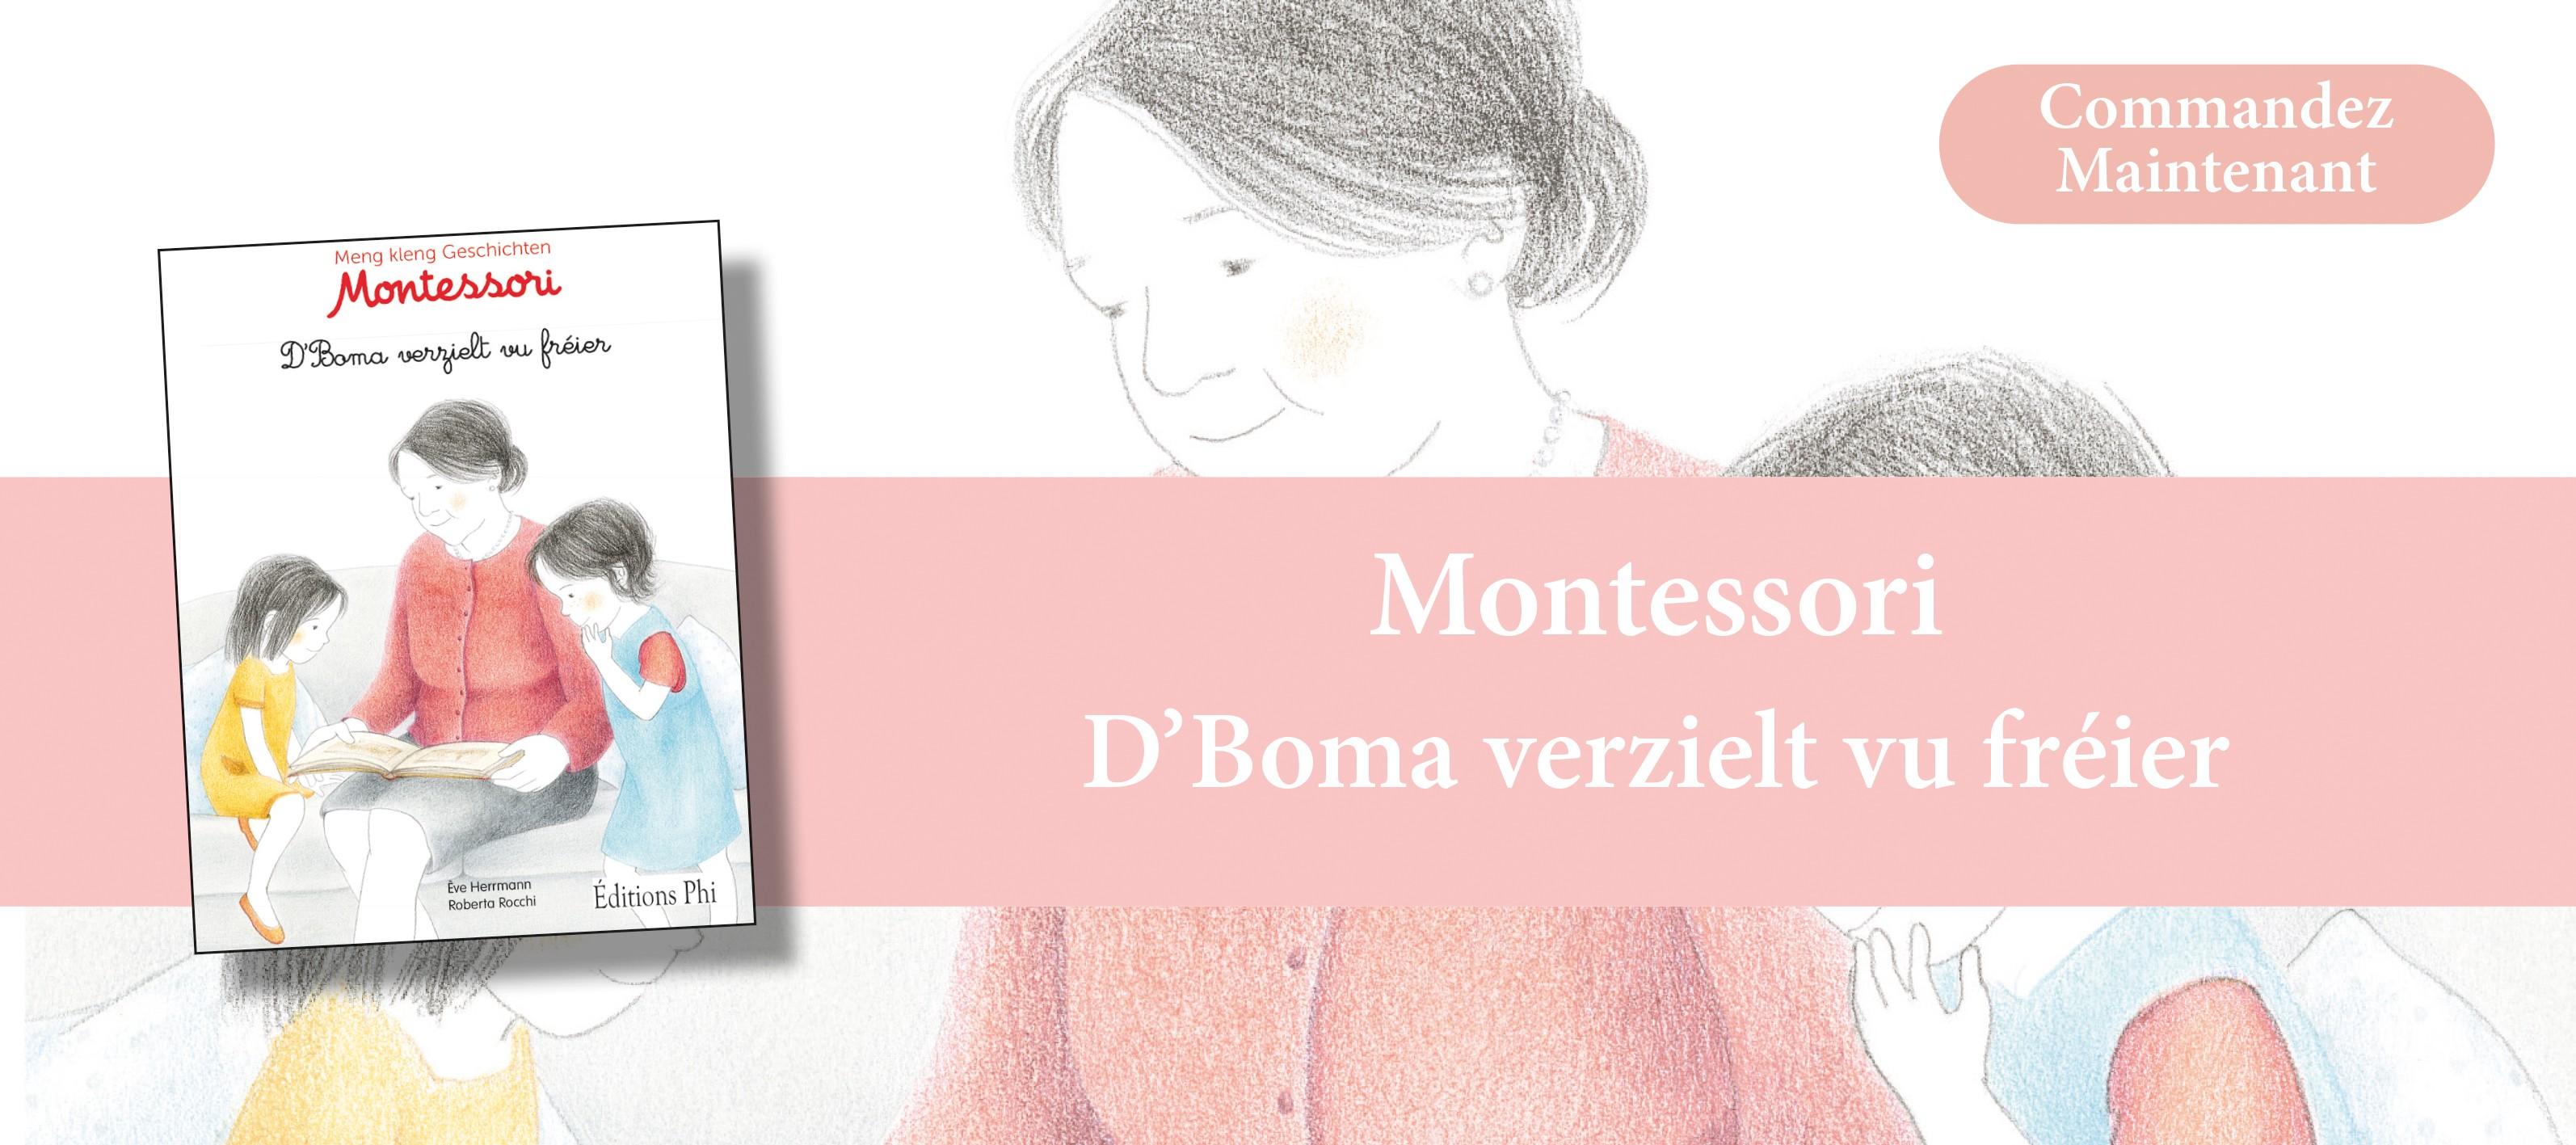 http://www.editionsphi.lu/fr/jeunesse/496-montessori-d-boma-verzielt-vu-freier.html